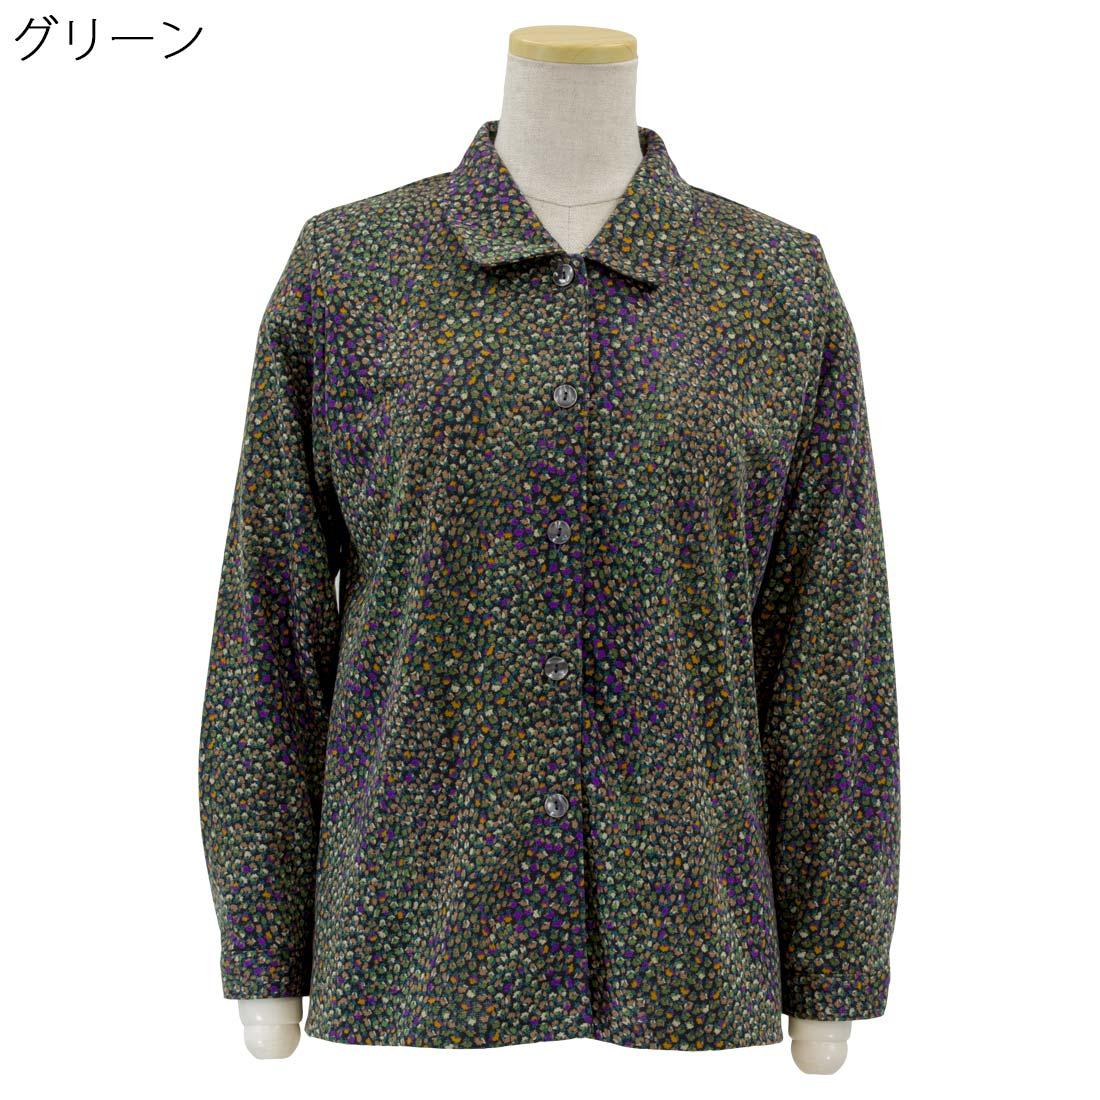 婦人 シニア向け■ストレッチ 毛混 ニット 後ろ身頃 ゆったり ブラウス 日本製